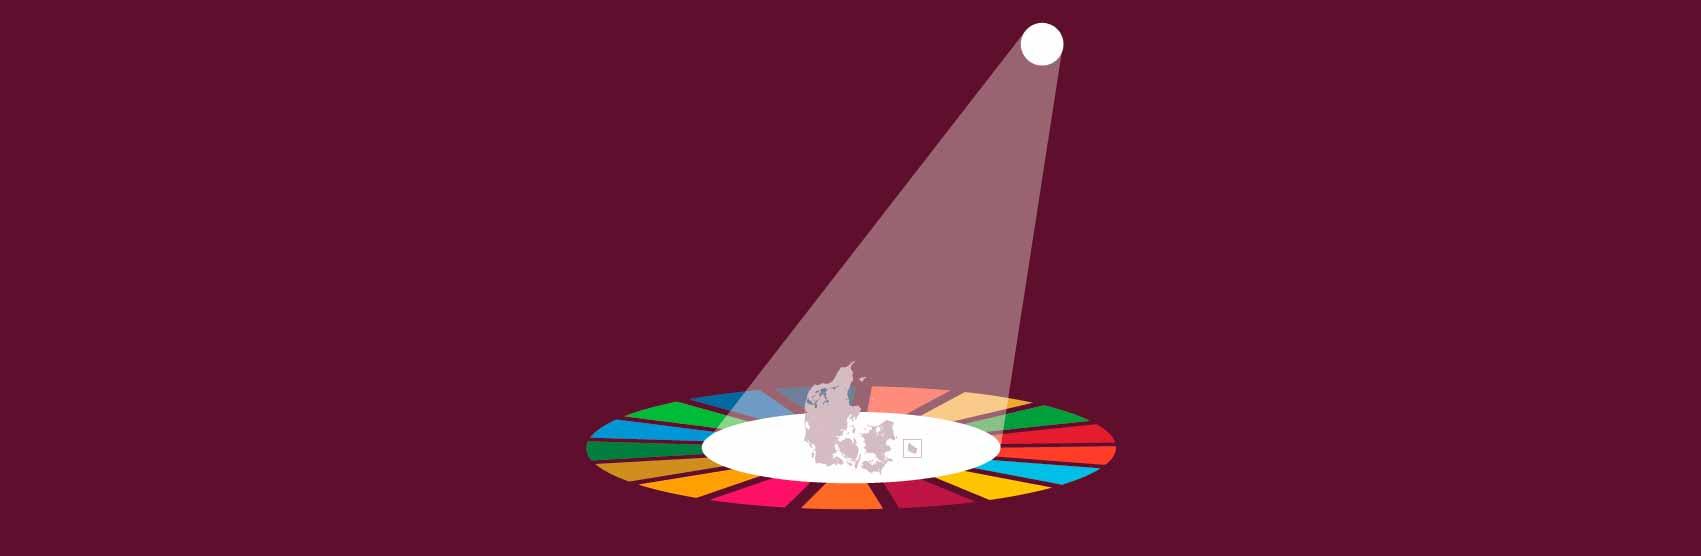 Spotlight på Danmark og verdensmålene